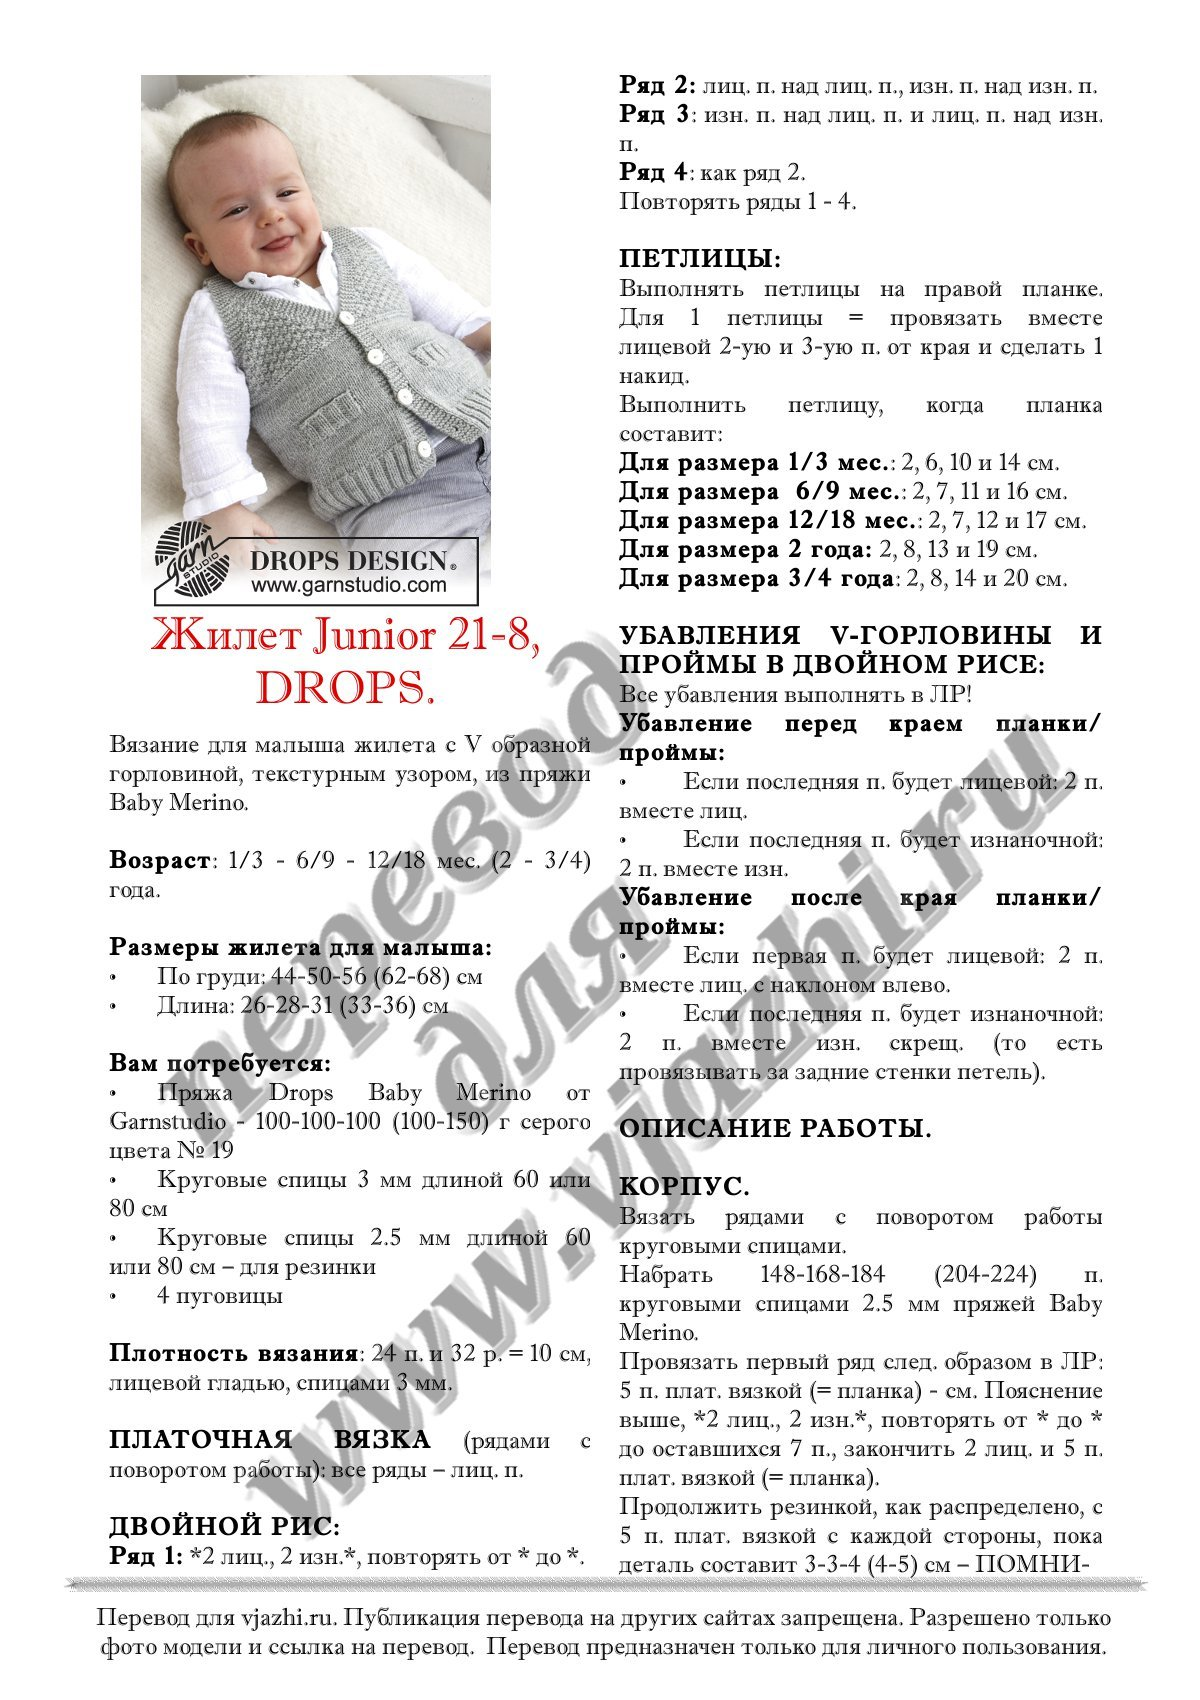 Вязание жилета спицами для детей от 0 до 1 года с описанием